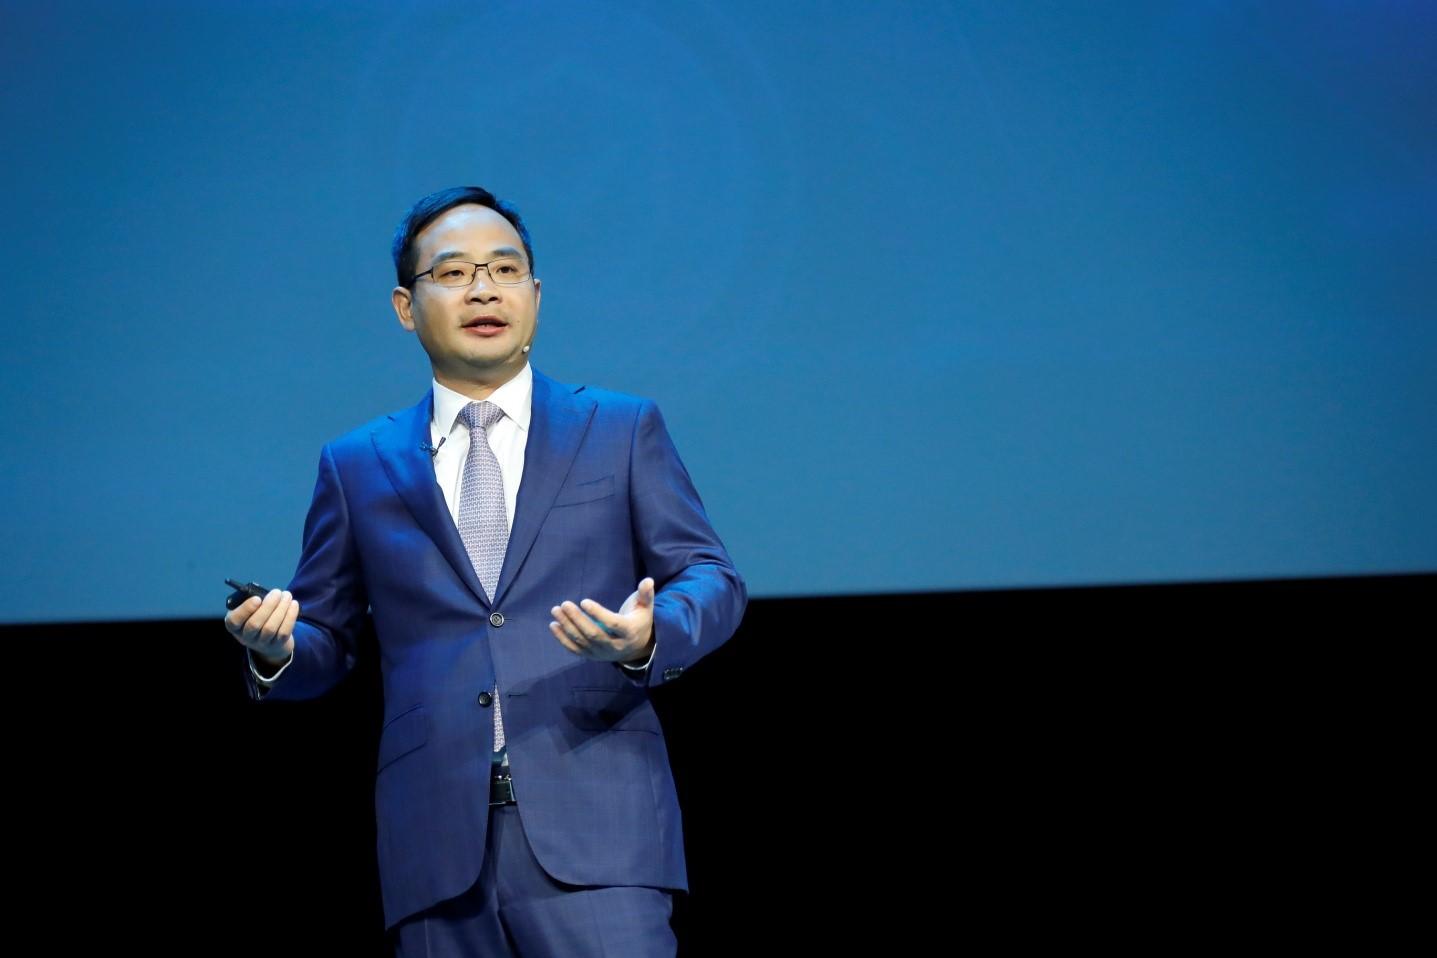 华为首次发布创新企业智能 华为云正式启用新域名